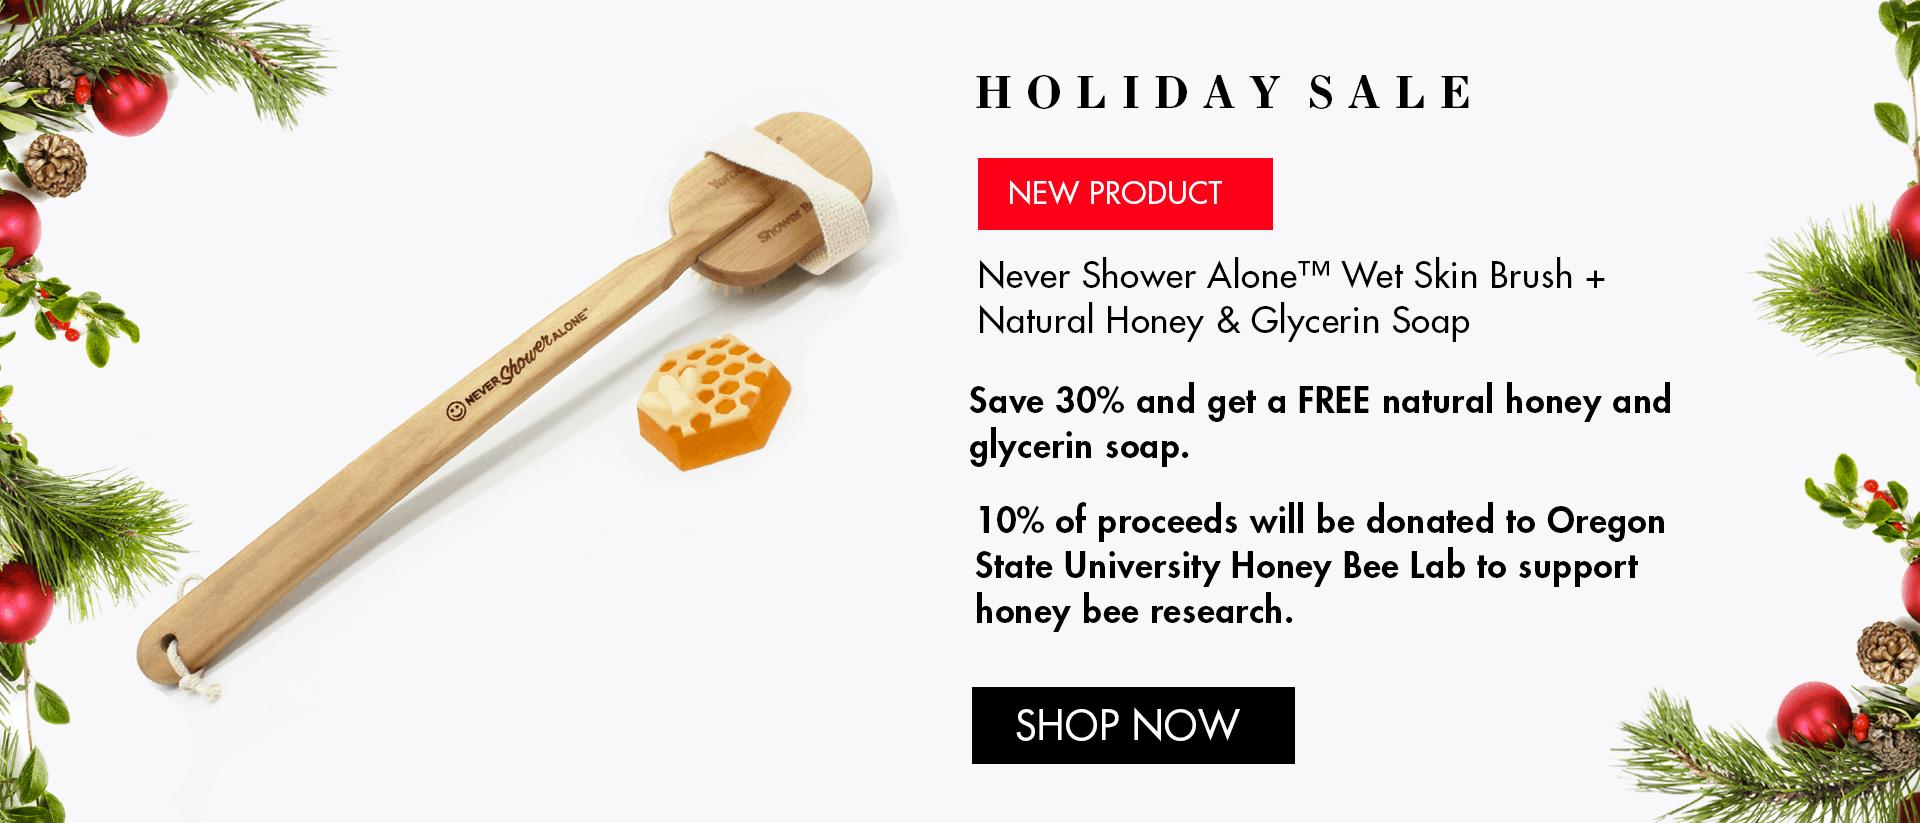 Never Shower Alone™ Wet Skin Brush + Natural Honey & Glycerin Soap